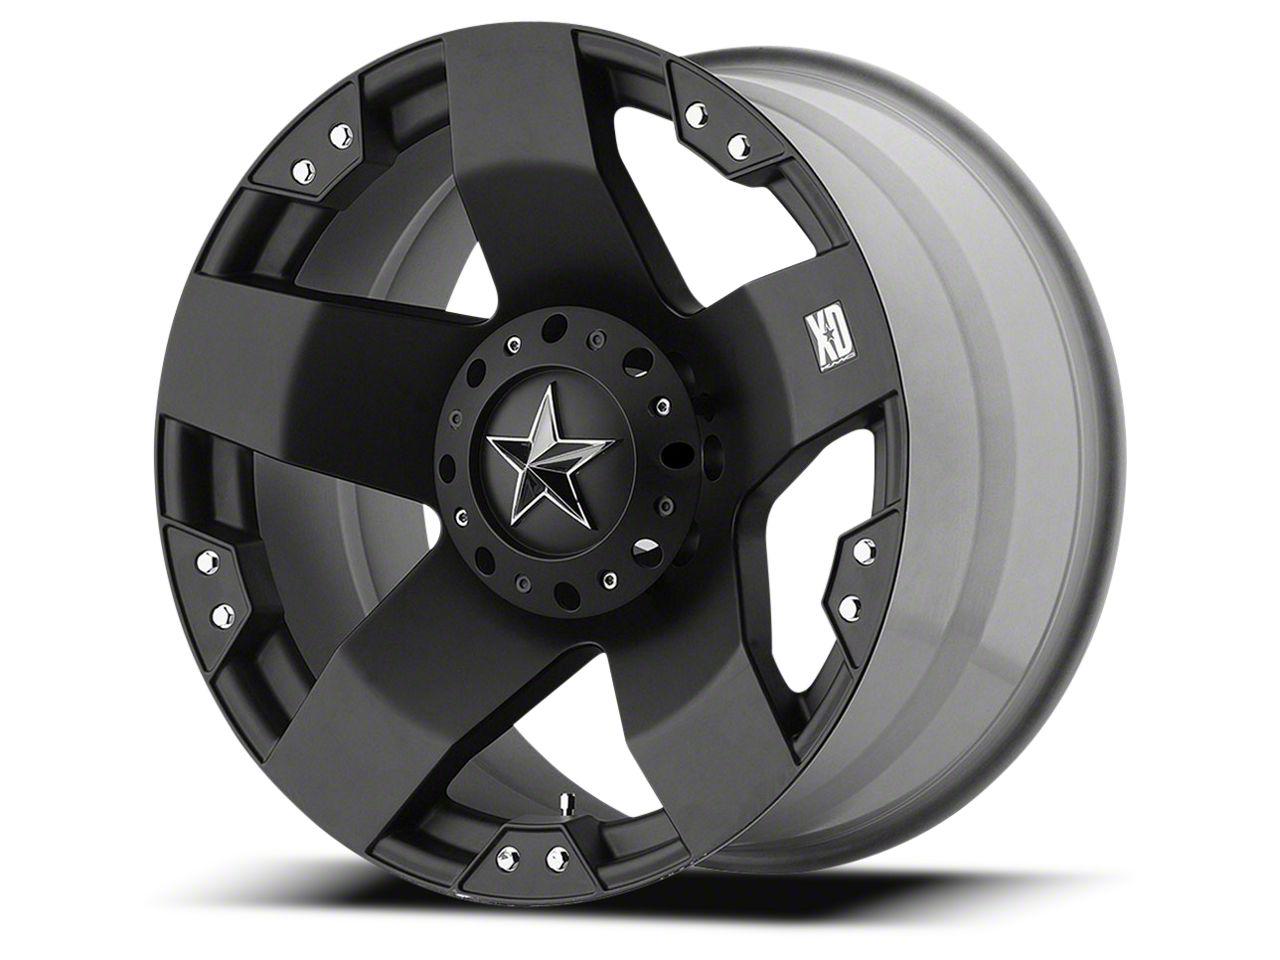 Rockstar XD775 Matte Black 6-Lug Wheel - 22x12 (99-18 Silverado 1500)